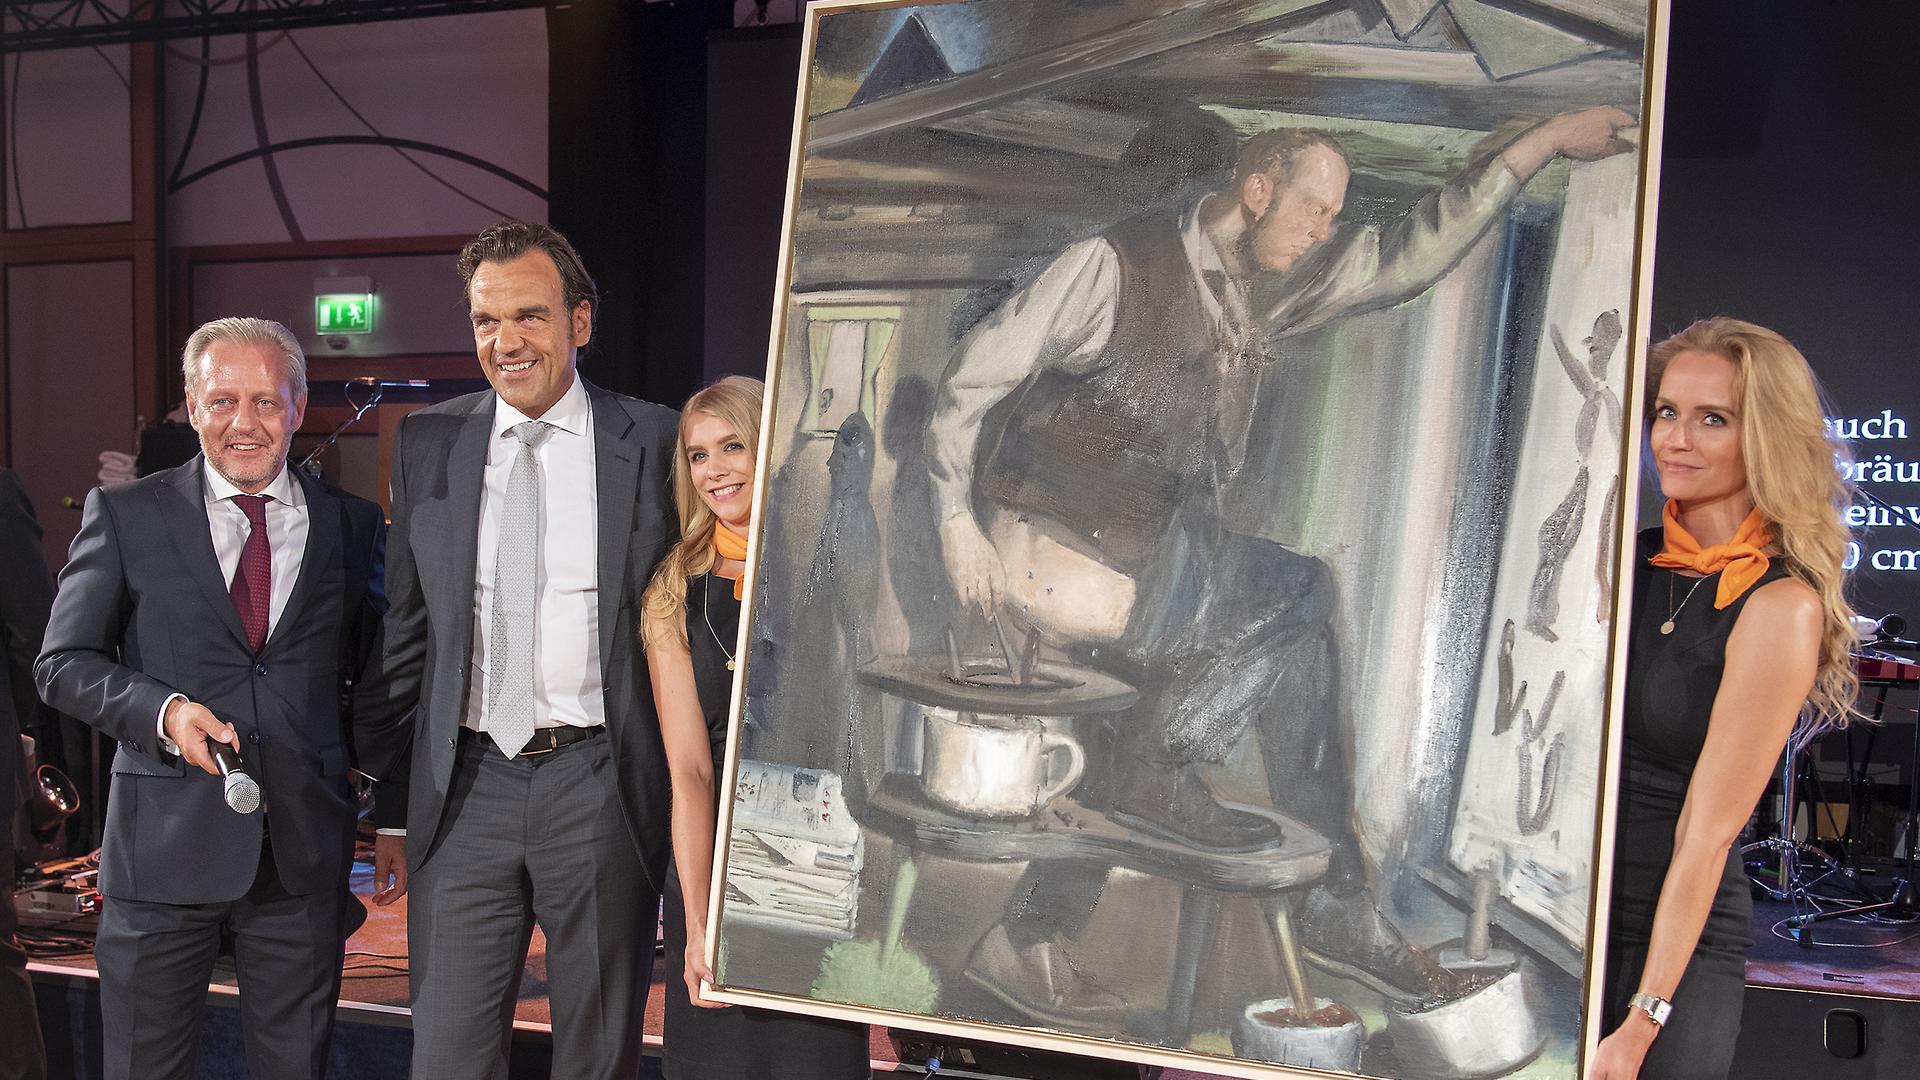 Veranstalter Steffen Göpel (l) und Unternehmer Christoph Gröner (2.v.l.) stehen neben zwei Damen, die das Gemälde «Der Anbräuner» von Neo Rauch präsentieren.  ACHTUNG: Nur zur redaktionellen Verwendung im Zusammenhang mit der aktuellen Berichterstattung über die Auktion und nur mit vollständiger Nennung des vorstehenden Credits. Kein Verkauf, Keine Archivierung! +++ dpa-Bildfunk +++  